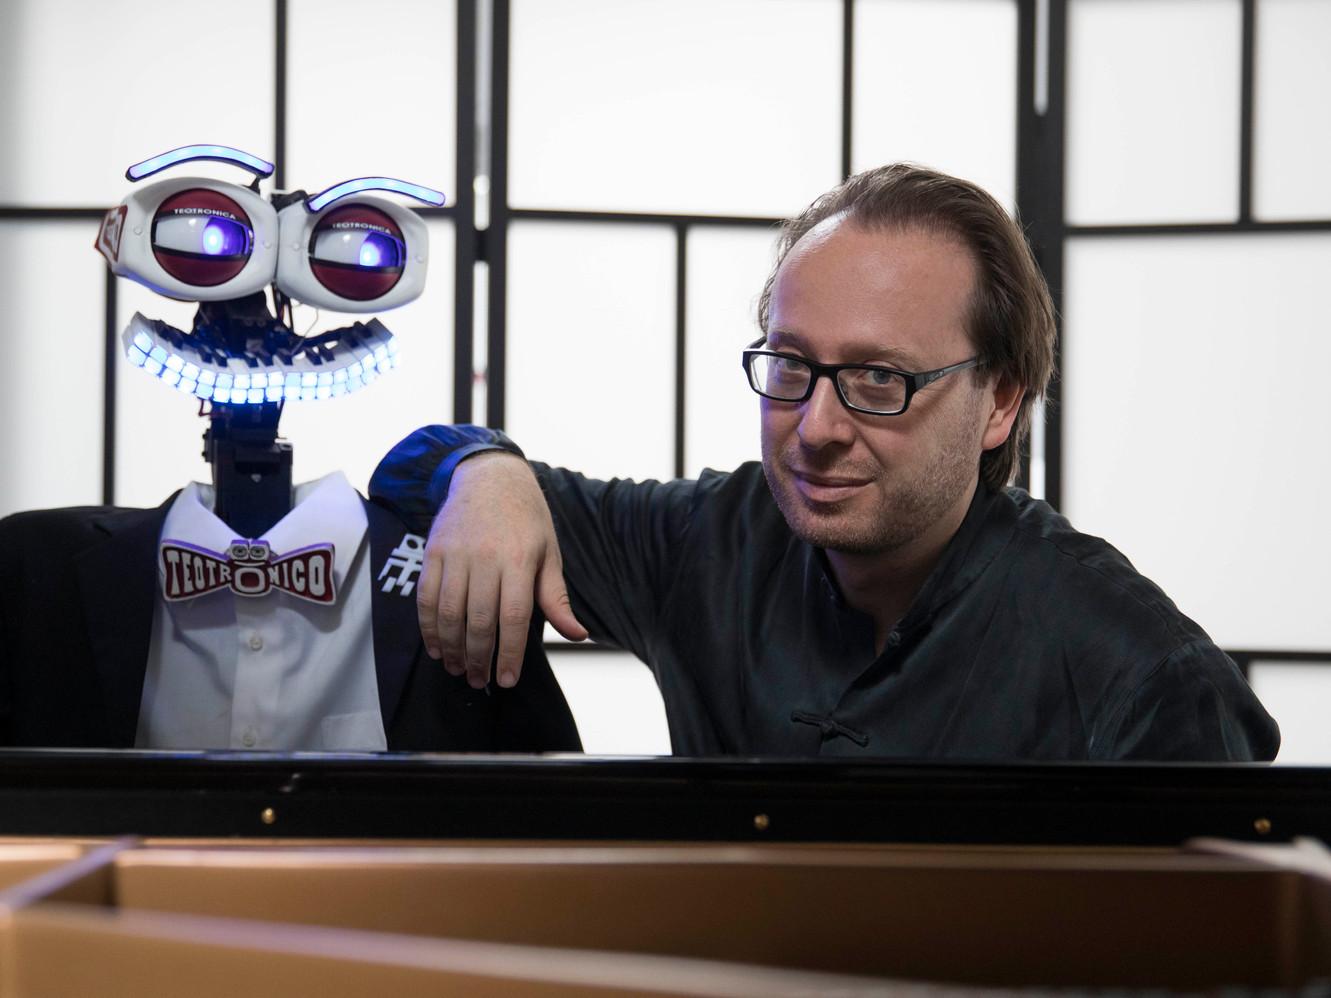 Roberto Prosseda & Teotronico